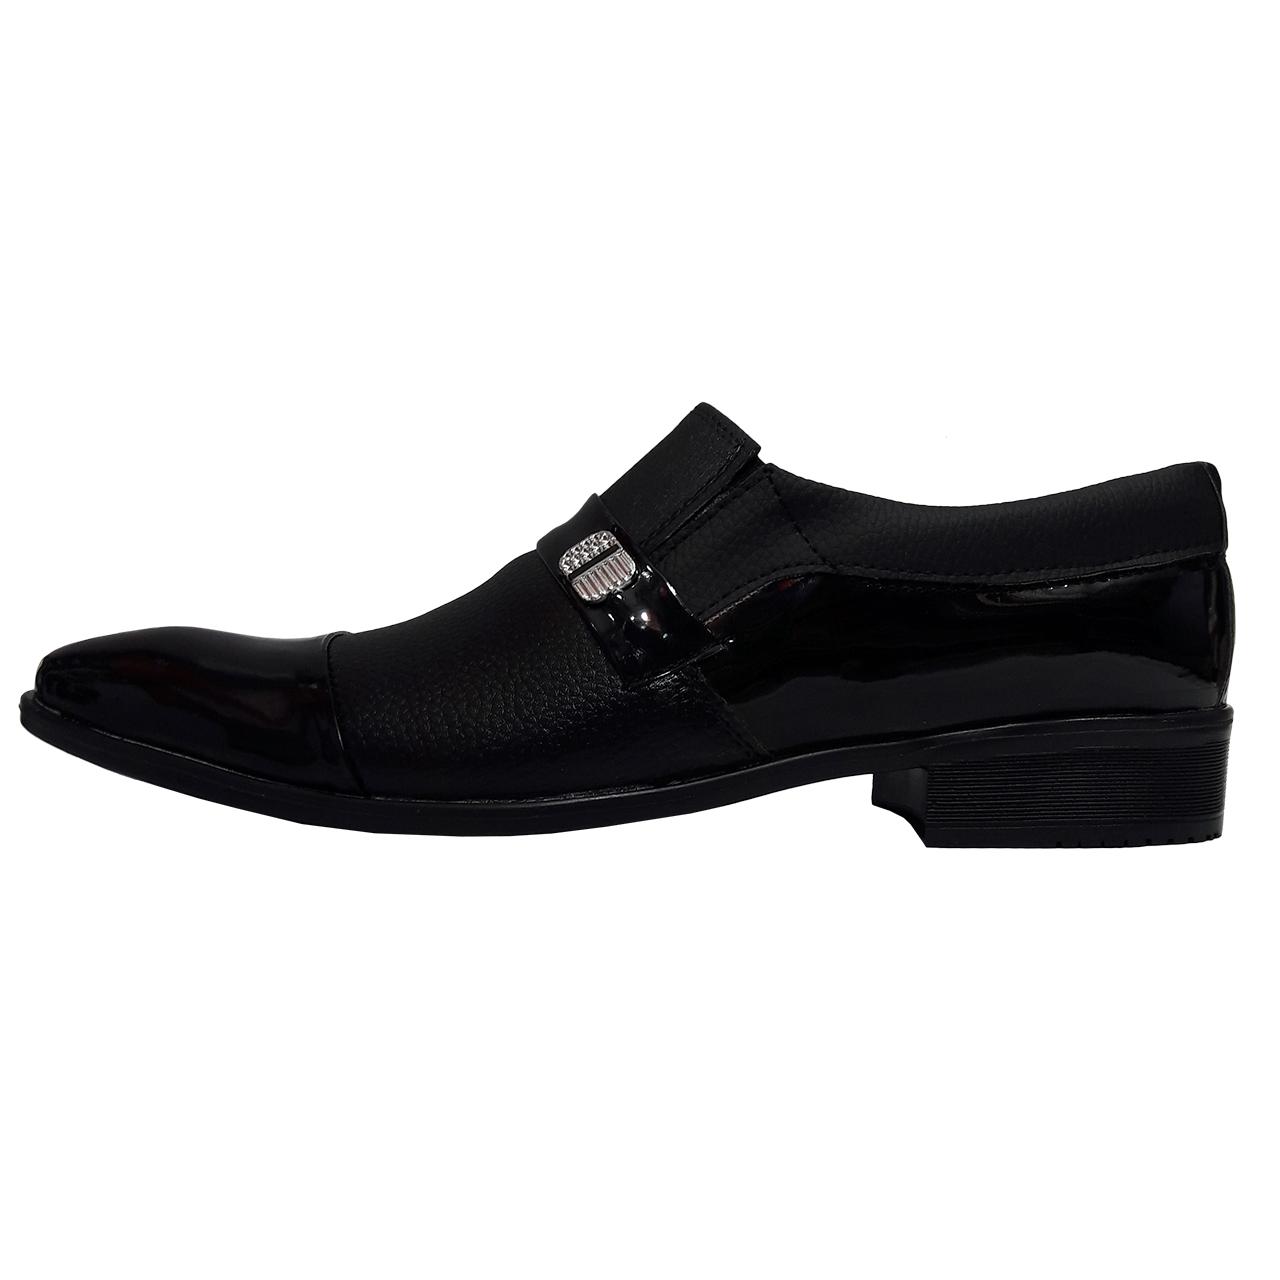 کفش مردانه مدل Verni bl01